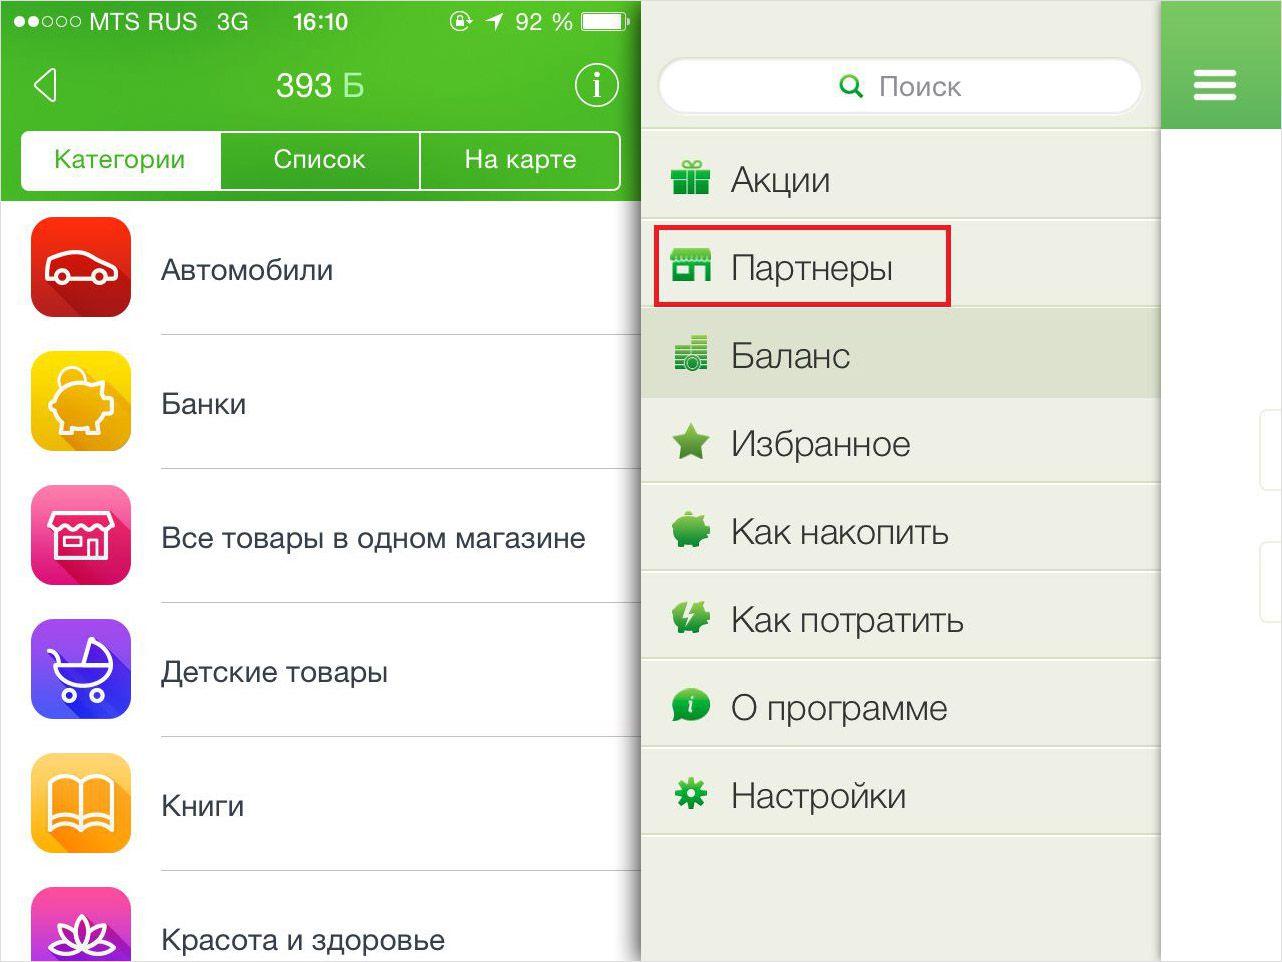 Список партнеров в мобильном приложение «Спасибо от Сбербанка» или «Сбербанк Онл@йн»